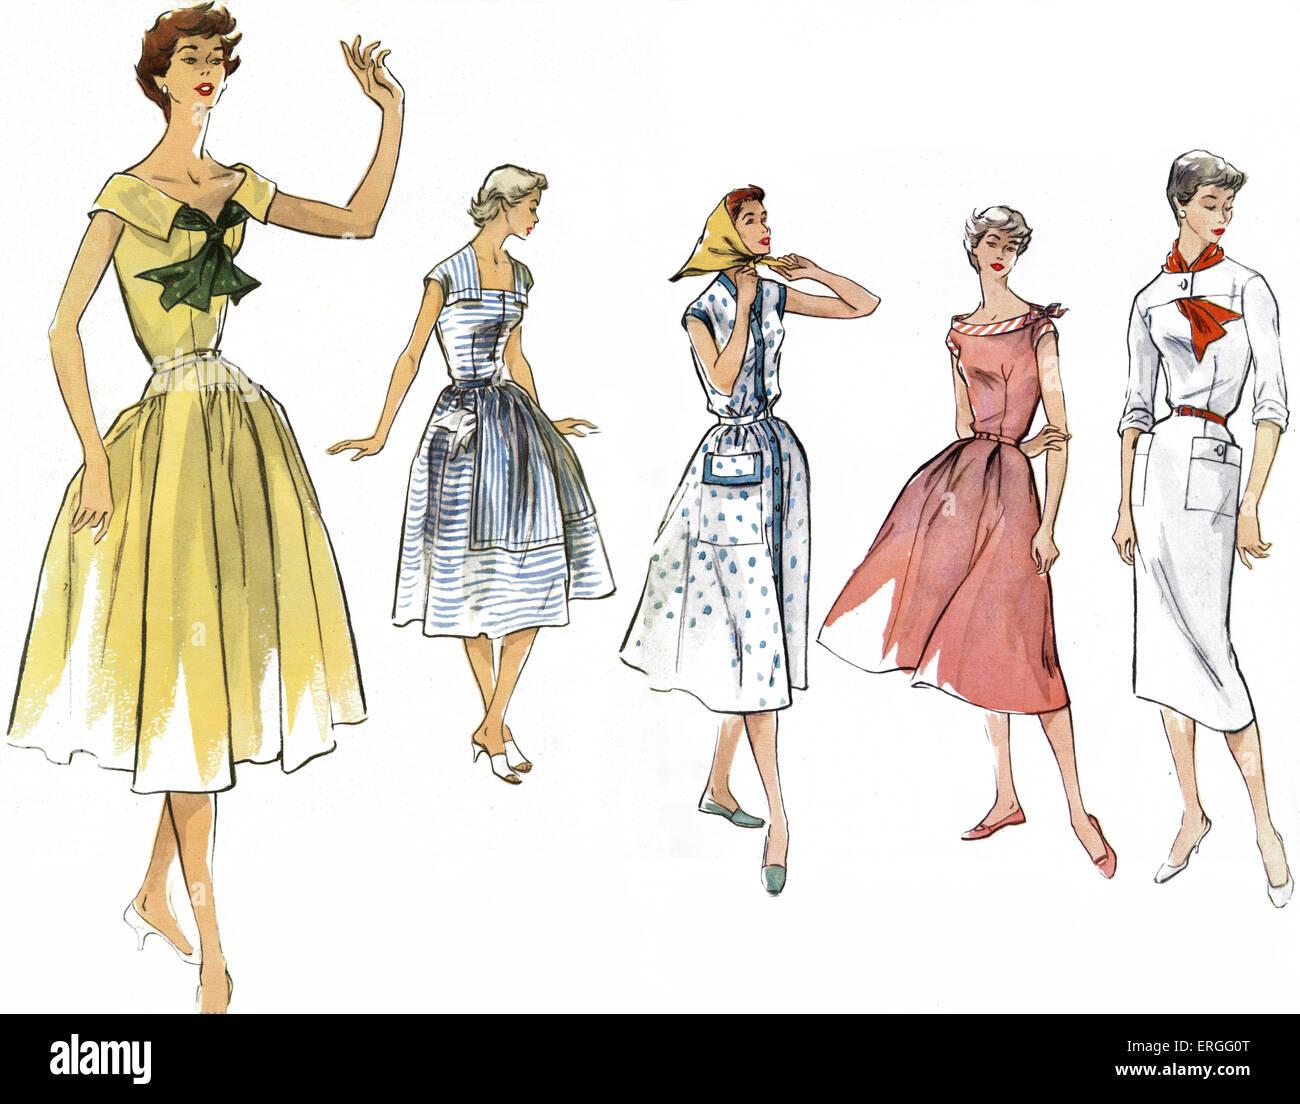 Mode été française, 1950. Publié dans 'Modes et Travaux' - le magazine de mode français, Photo Stock